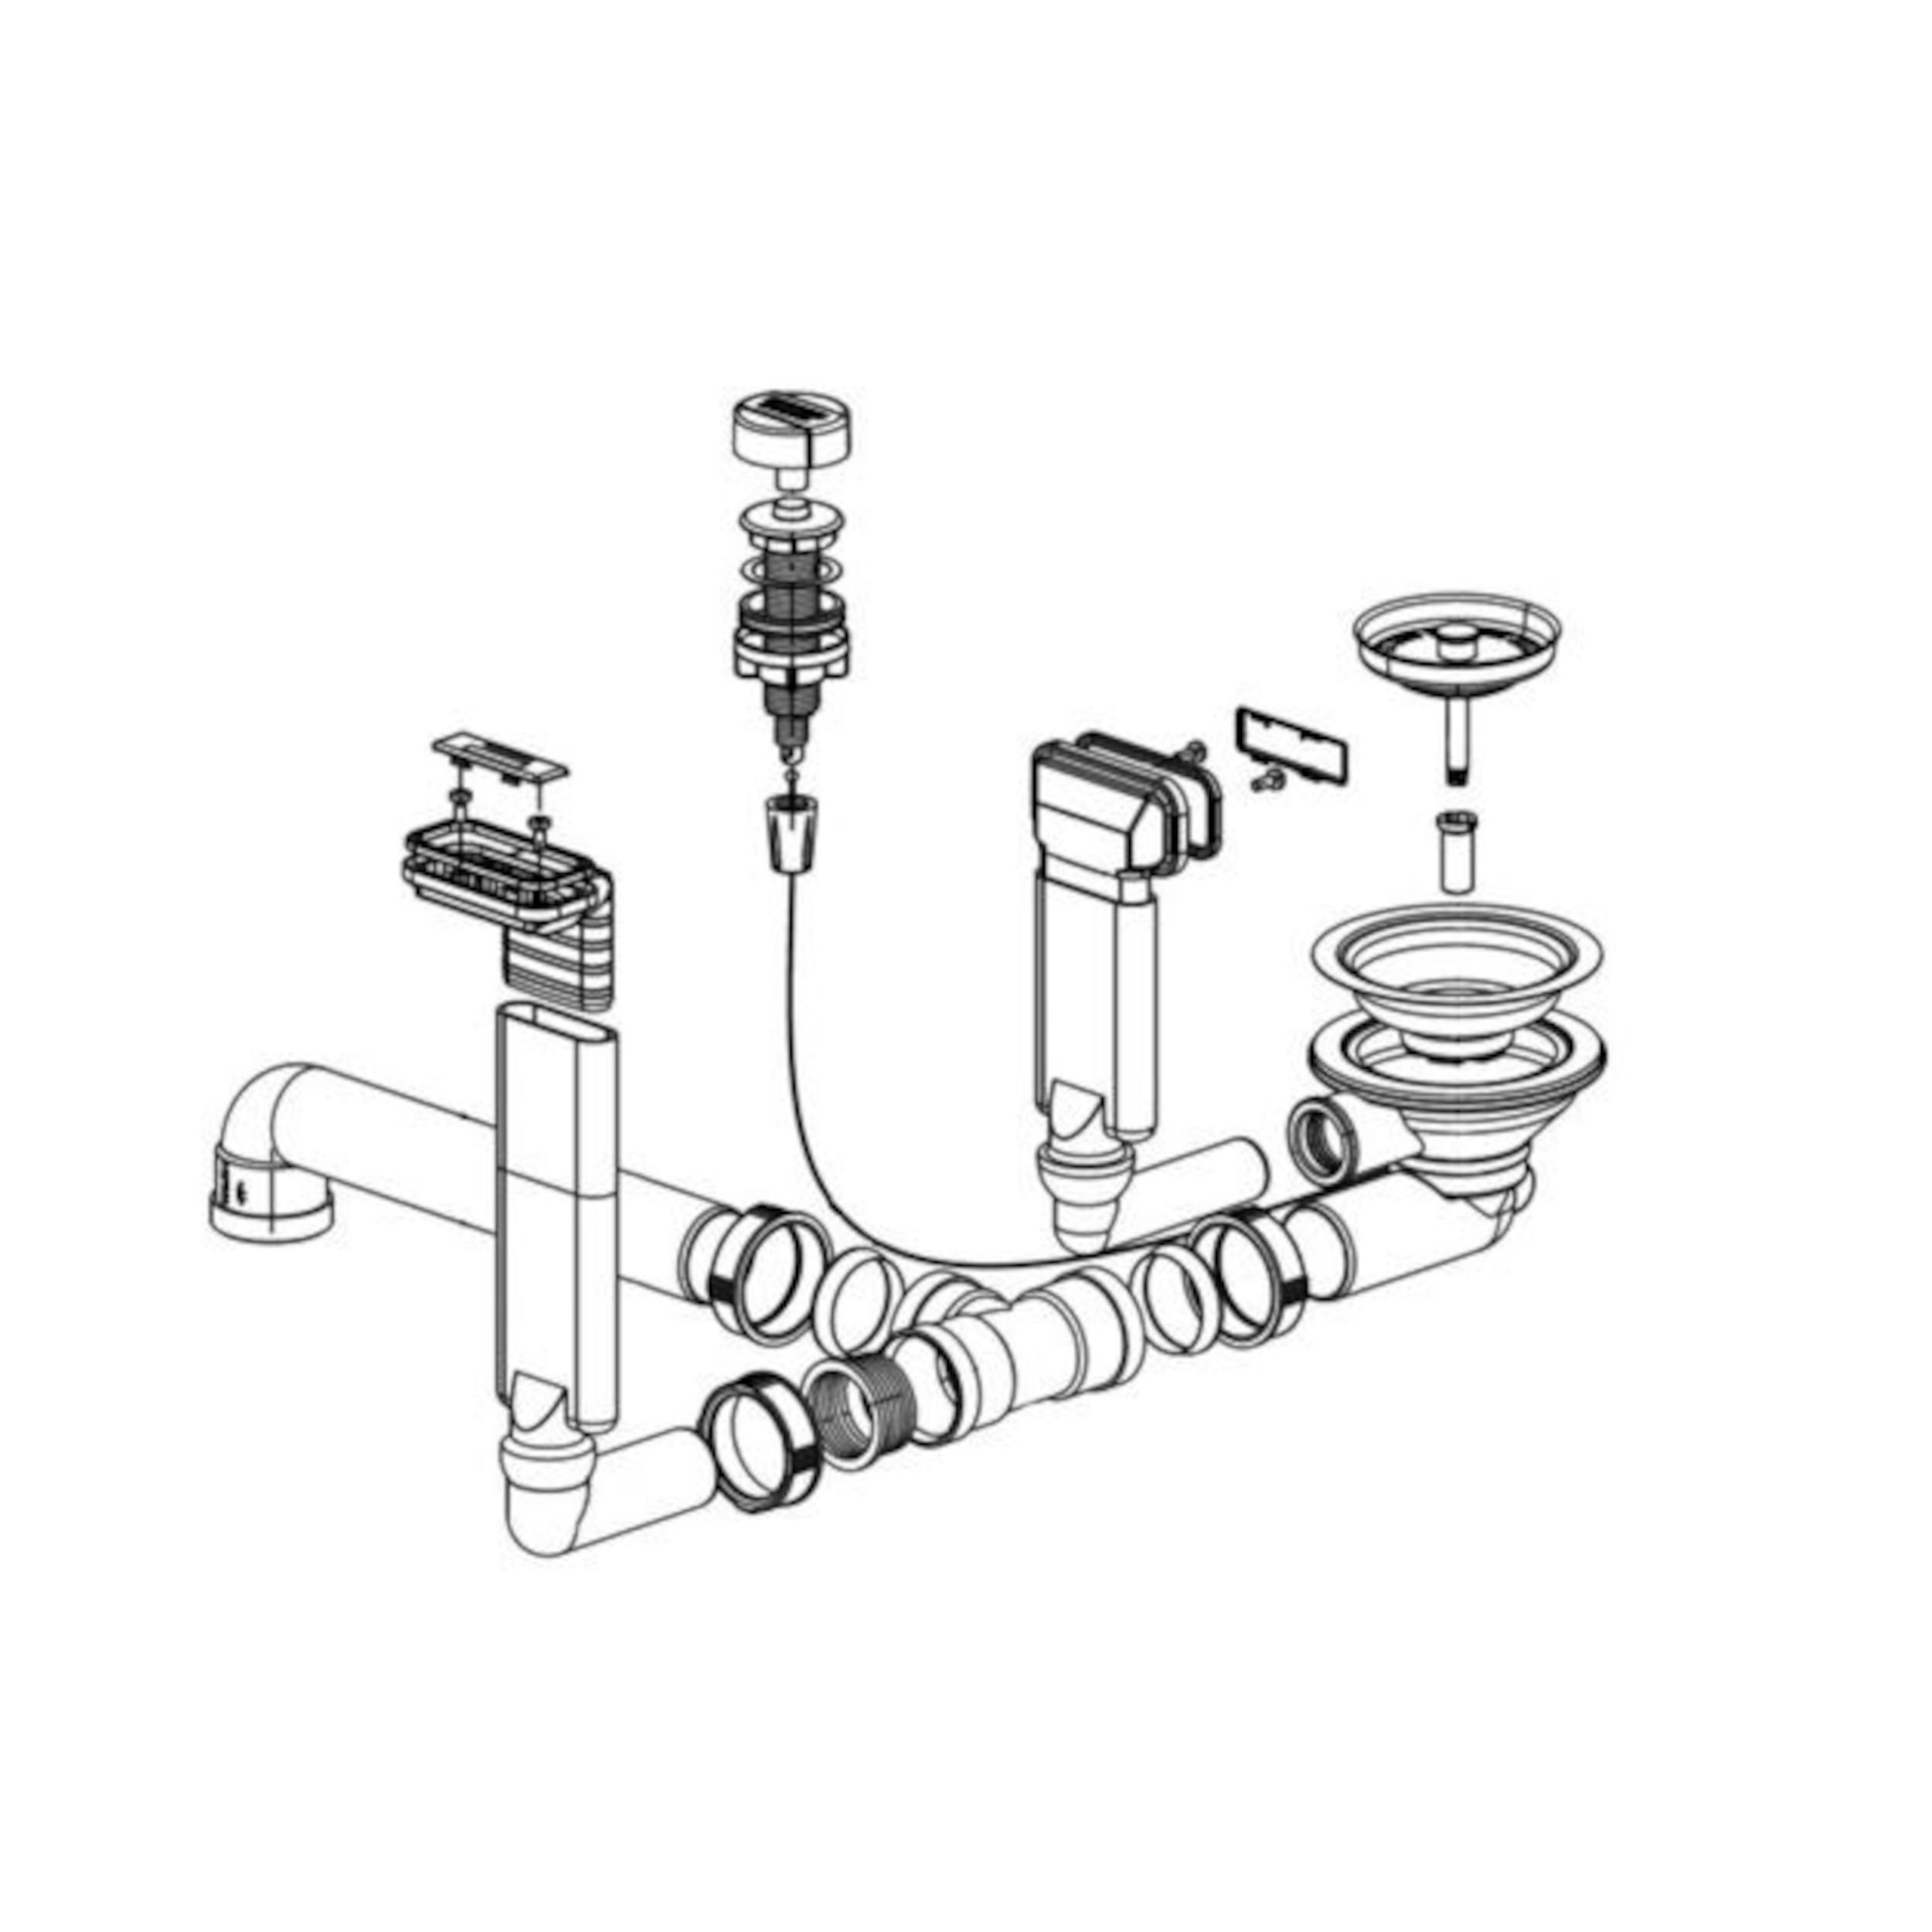 BLANCO Ablaufgarnitur 1 x 3,5'' mit Ablauffernbedienung 2 x C-overflow modernes Sieb 231464